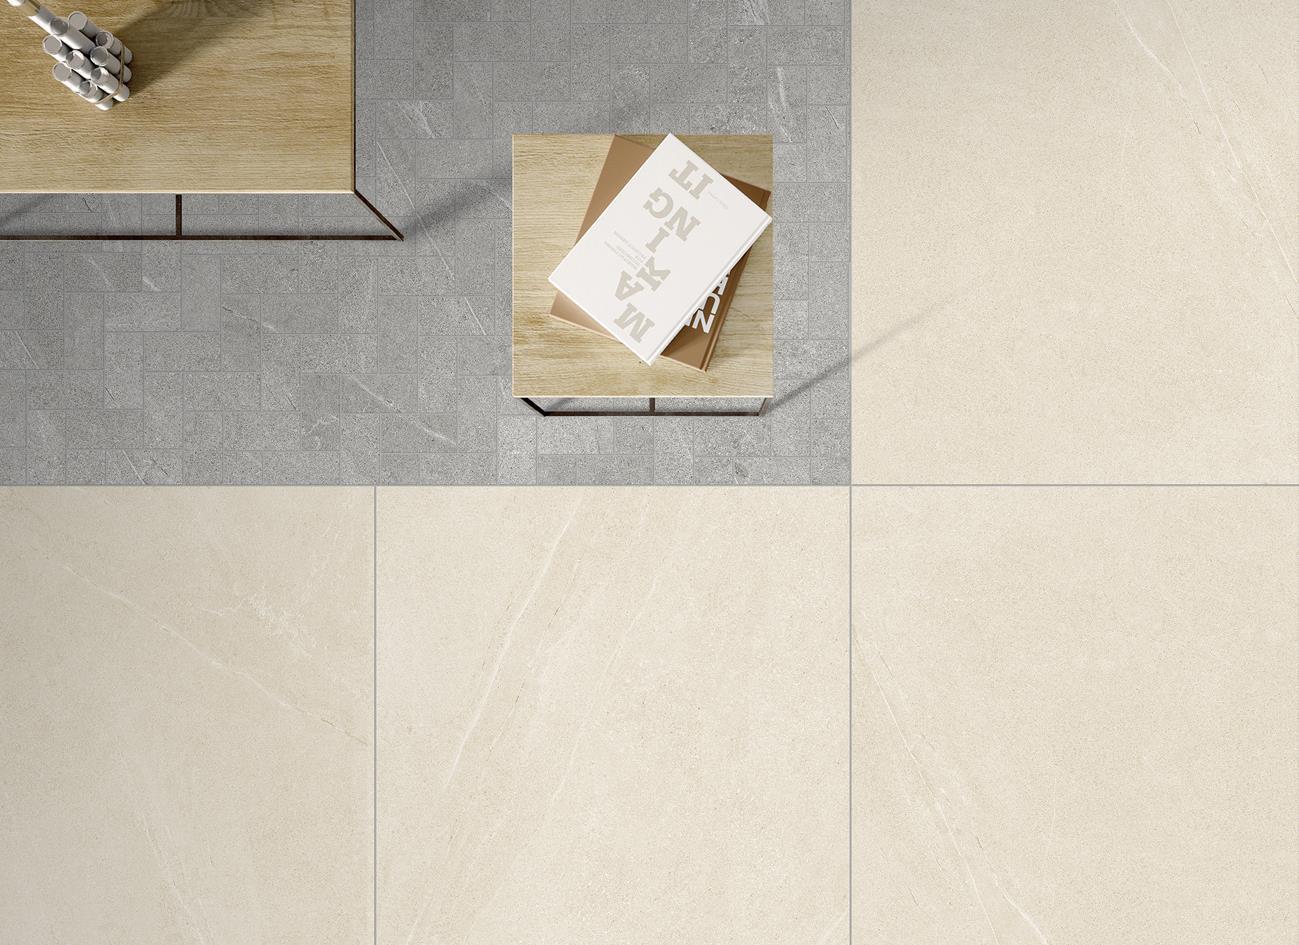 瓷磚厚板吸水率怎么樣?如何判斷瓷磚的吸水率的高低?